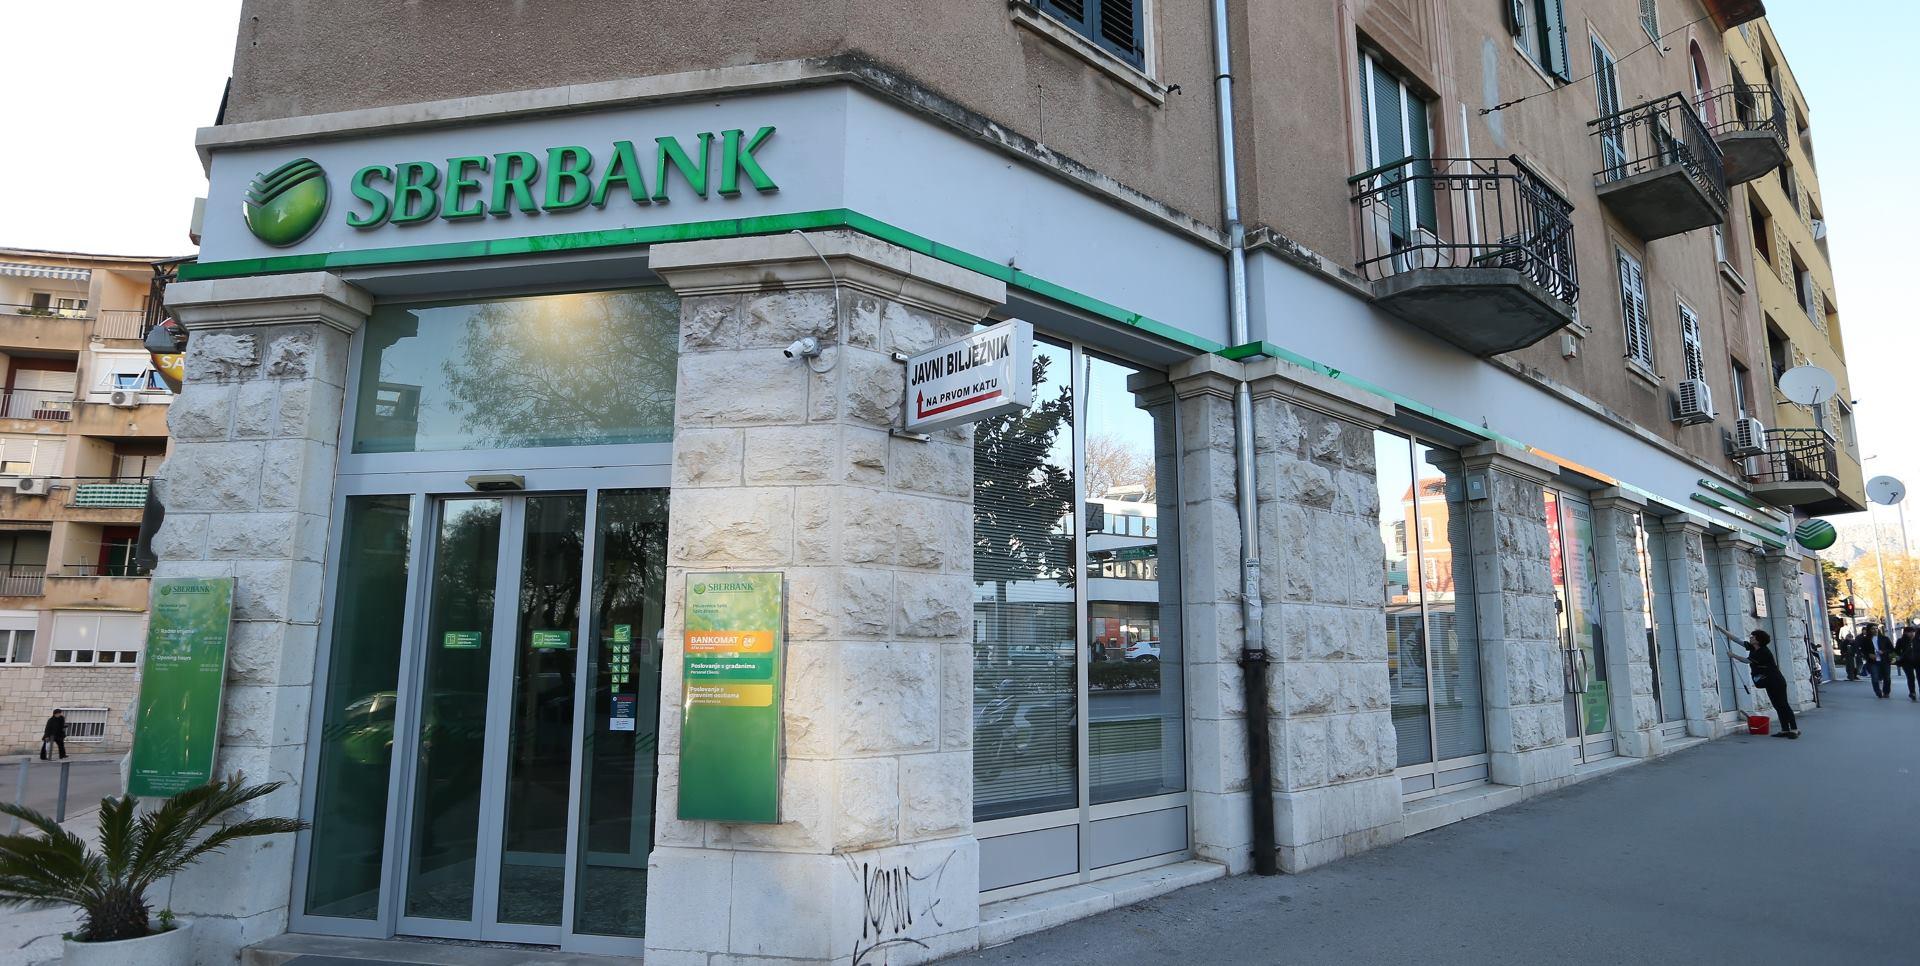 BRAND FINANCE Sberbank proglašen najjačim bankarskim brendom u svijetu